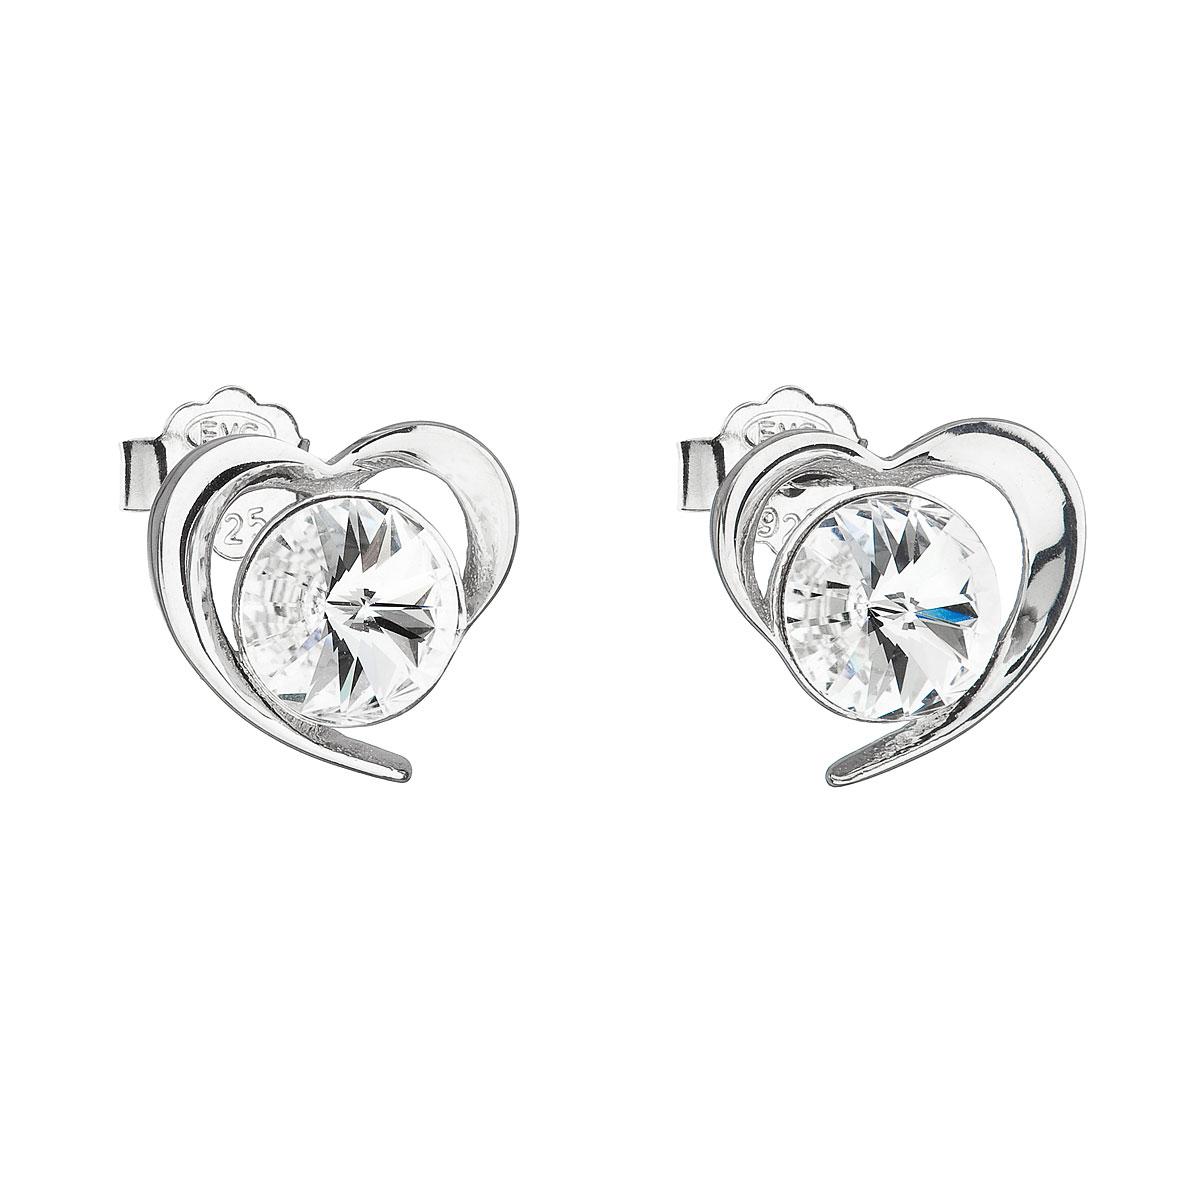 Evolution Group Stříbrné náušnice pecka s krystaly Swarovski bílé srdce 31259.1